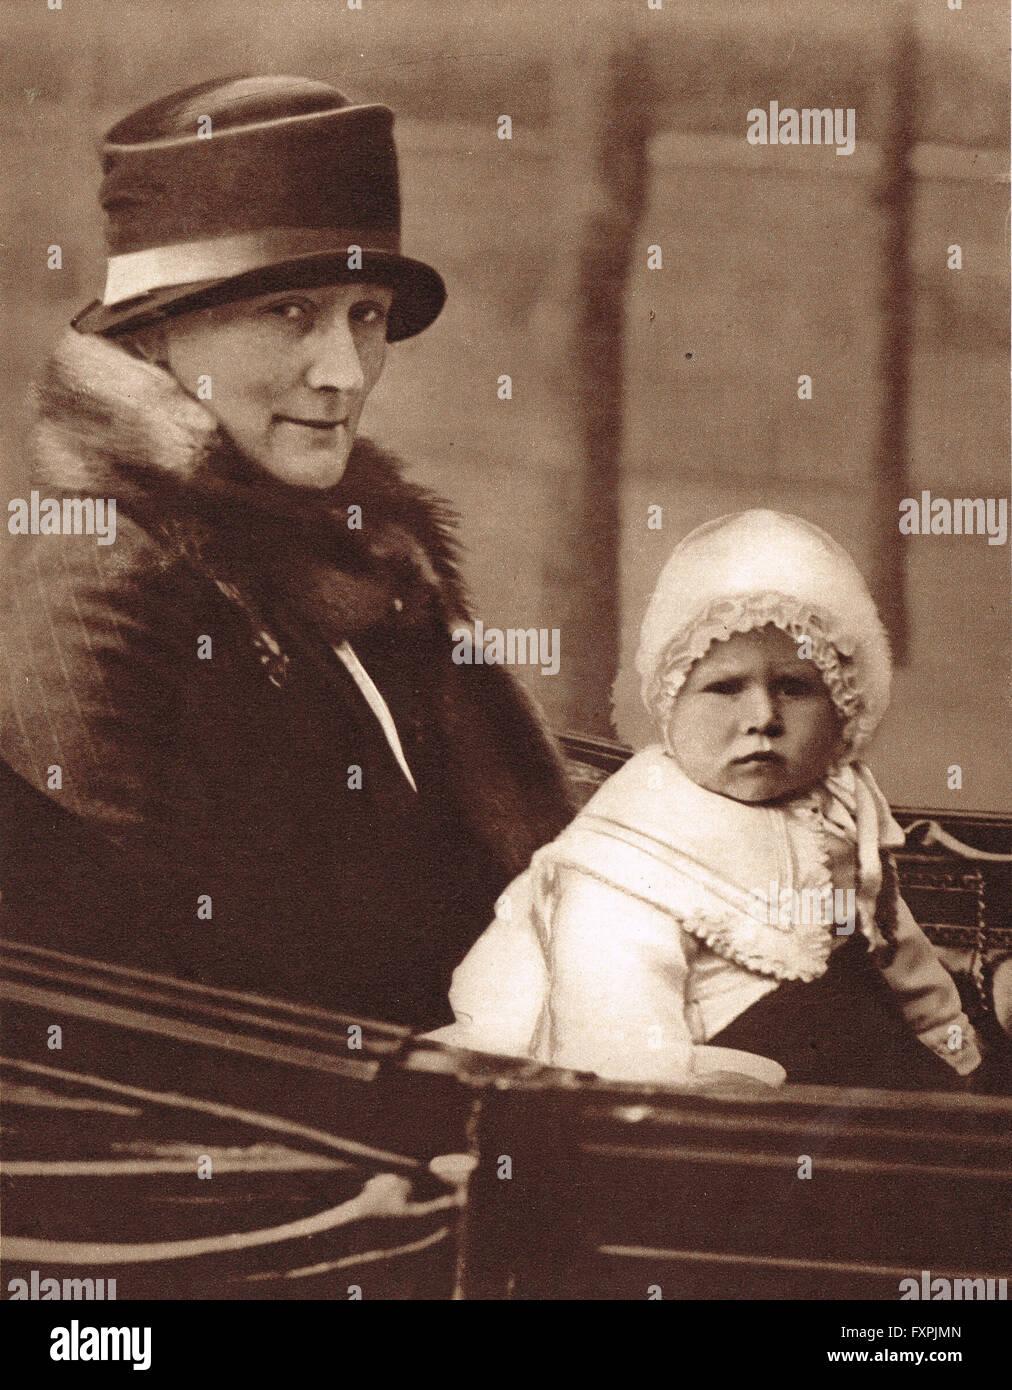 Princess Elizabeth, the future Queen Elizabeth II as a baby in 1927 - Stock Image